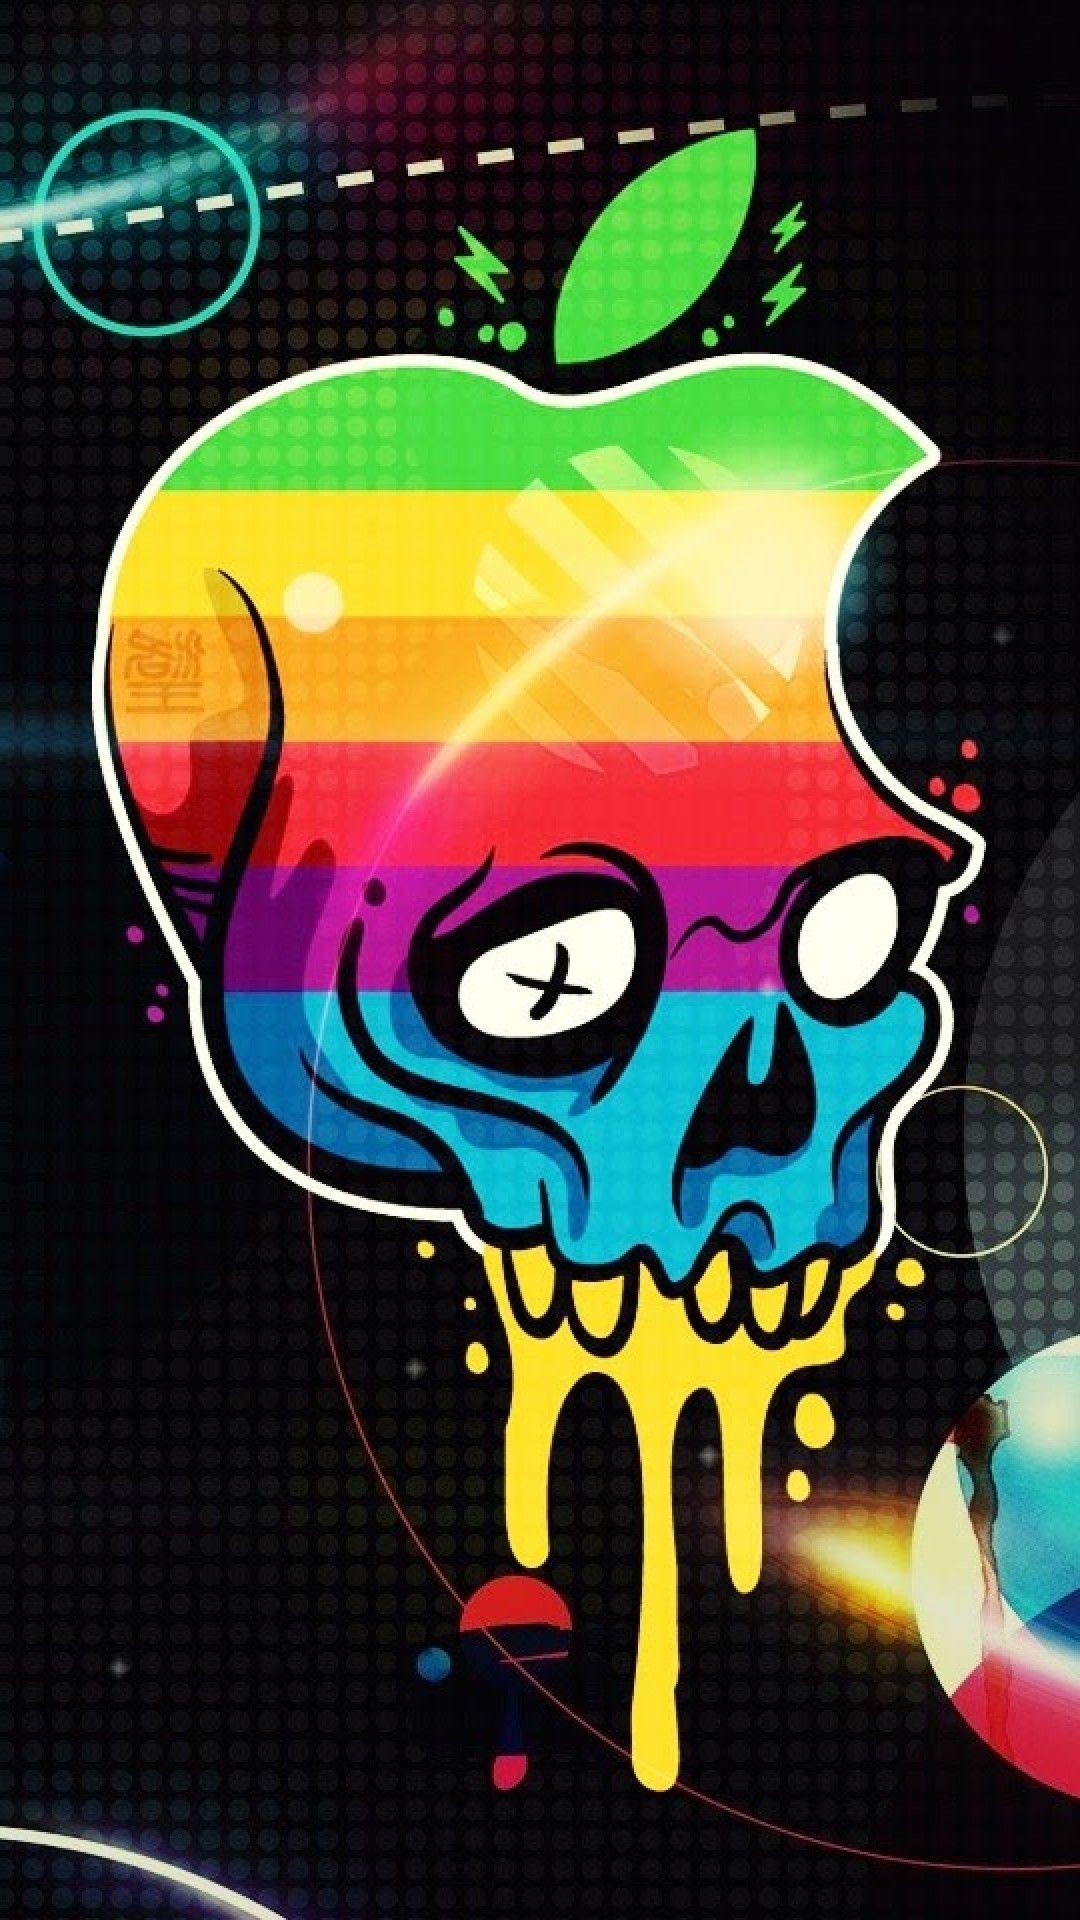 Graffiti art wallpaper iphone - Apple Iphone 6s Wallpaper Graffiti Skull Logo